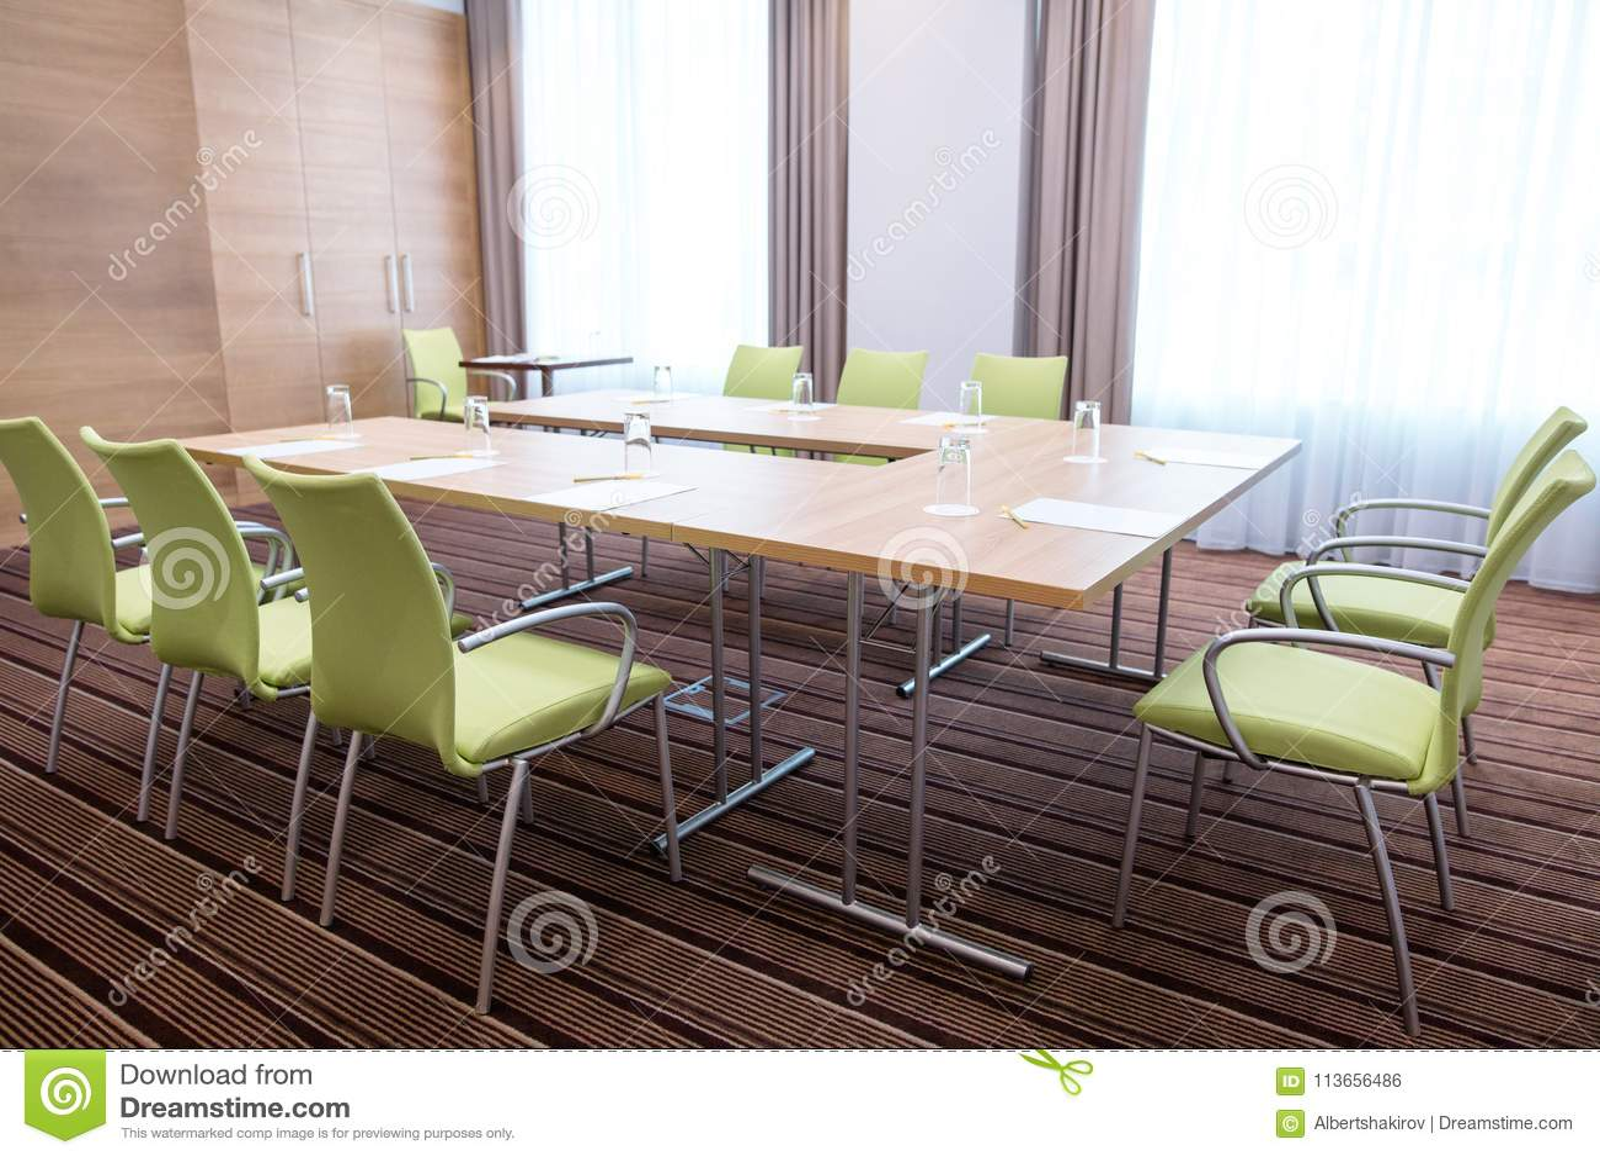 Interno di sala riunioni leggera ammobiliato di tavola moderna e di sedie verdi